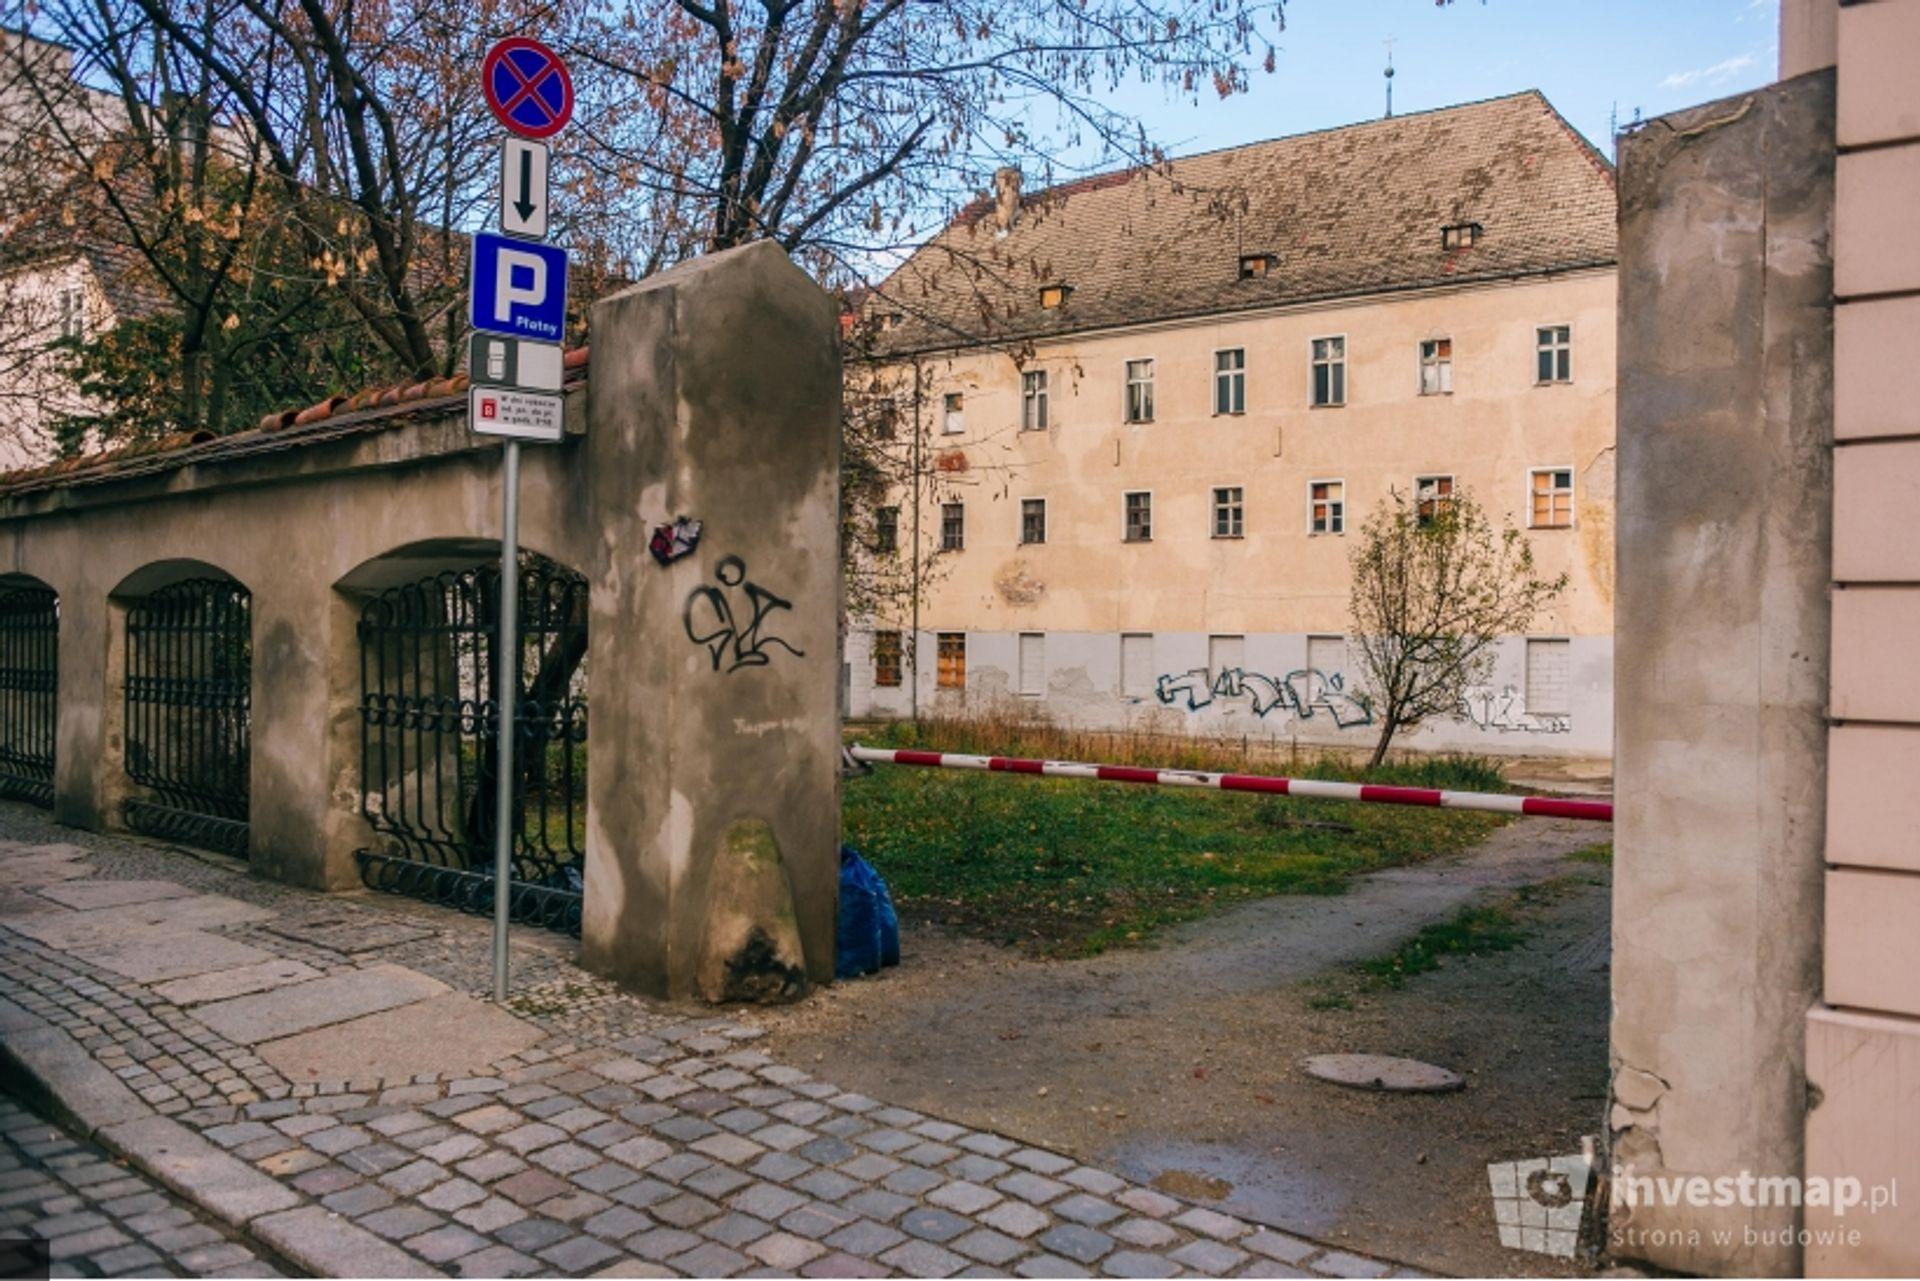 Wrocław: Przeciąga się proces uzyskania pozwoleń na realizację hotelu w zabytkowym klasztorze